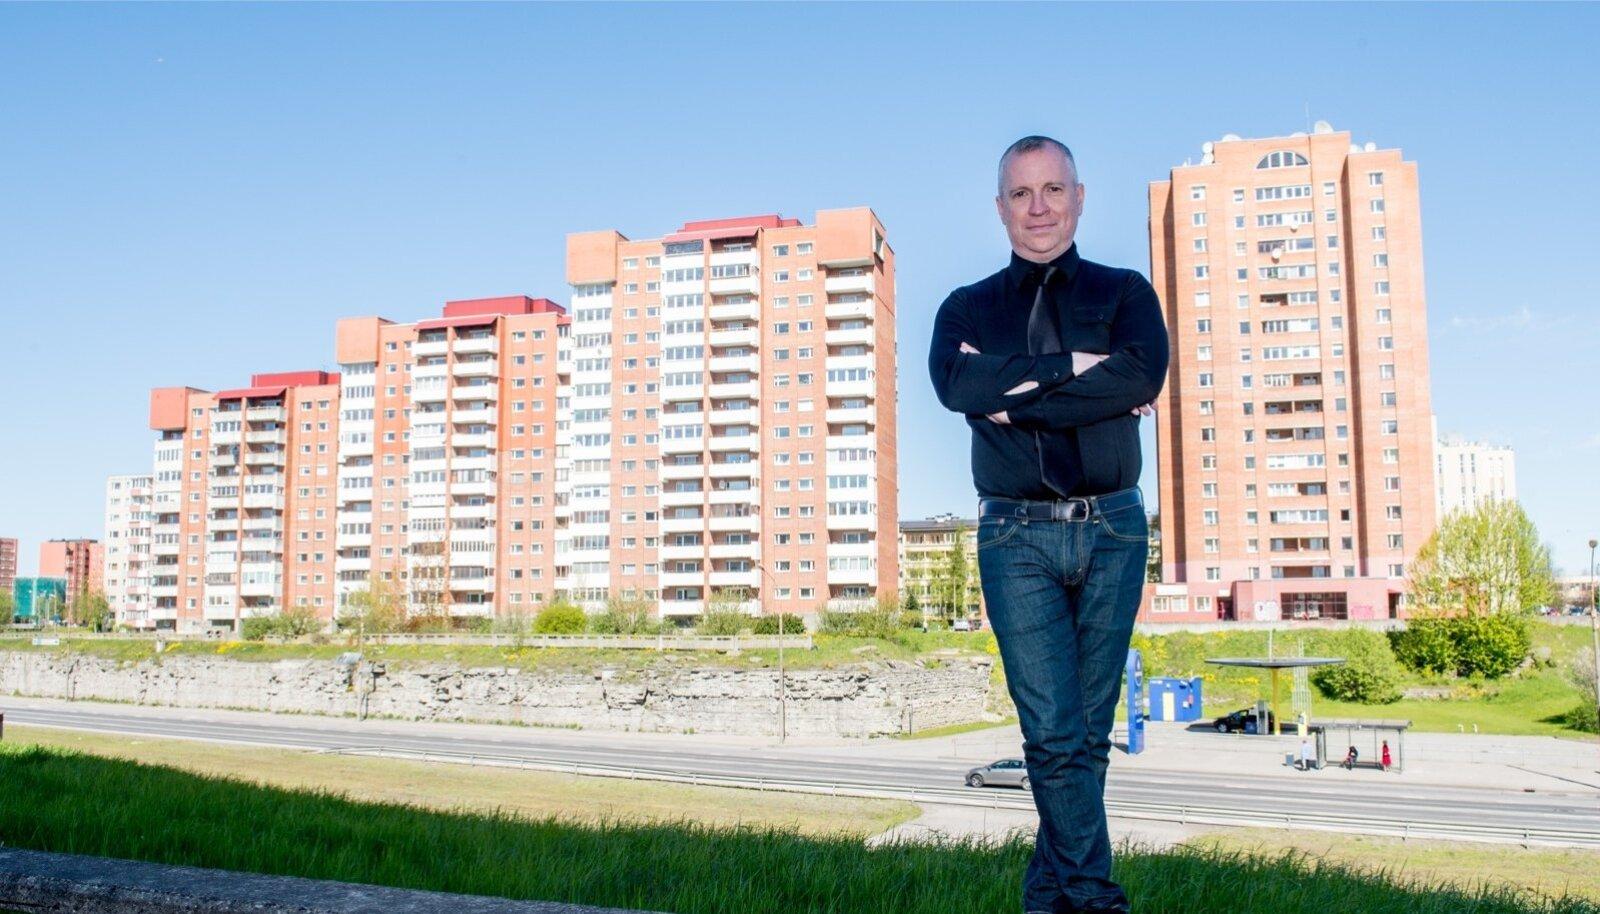 Linnauurija Daniel B. Hess leiab, et Eesti magalad pole nii kehvas seisus kui USA või Lääne-Euroopa paneellinnakud, kuid Eestis ei taaselustata nõukogudeaegset elamufondi vajalikus mahus. Kui midagi ette ei võeta, ähvardab linnakuid tulevikus getostumine.